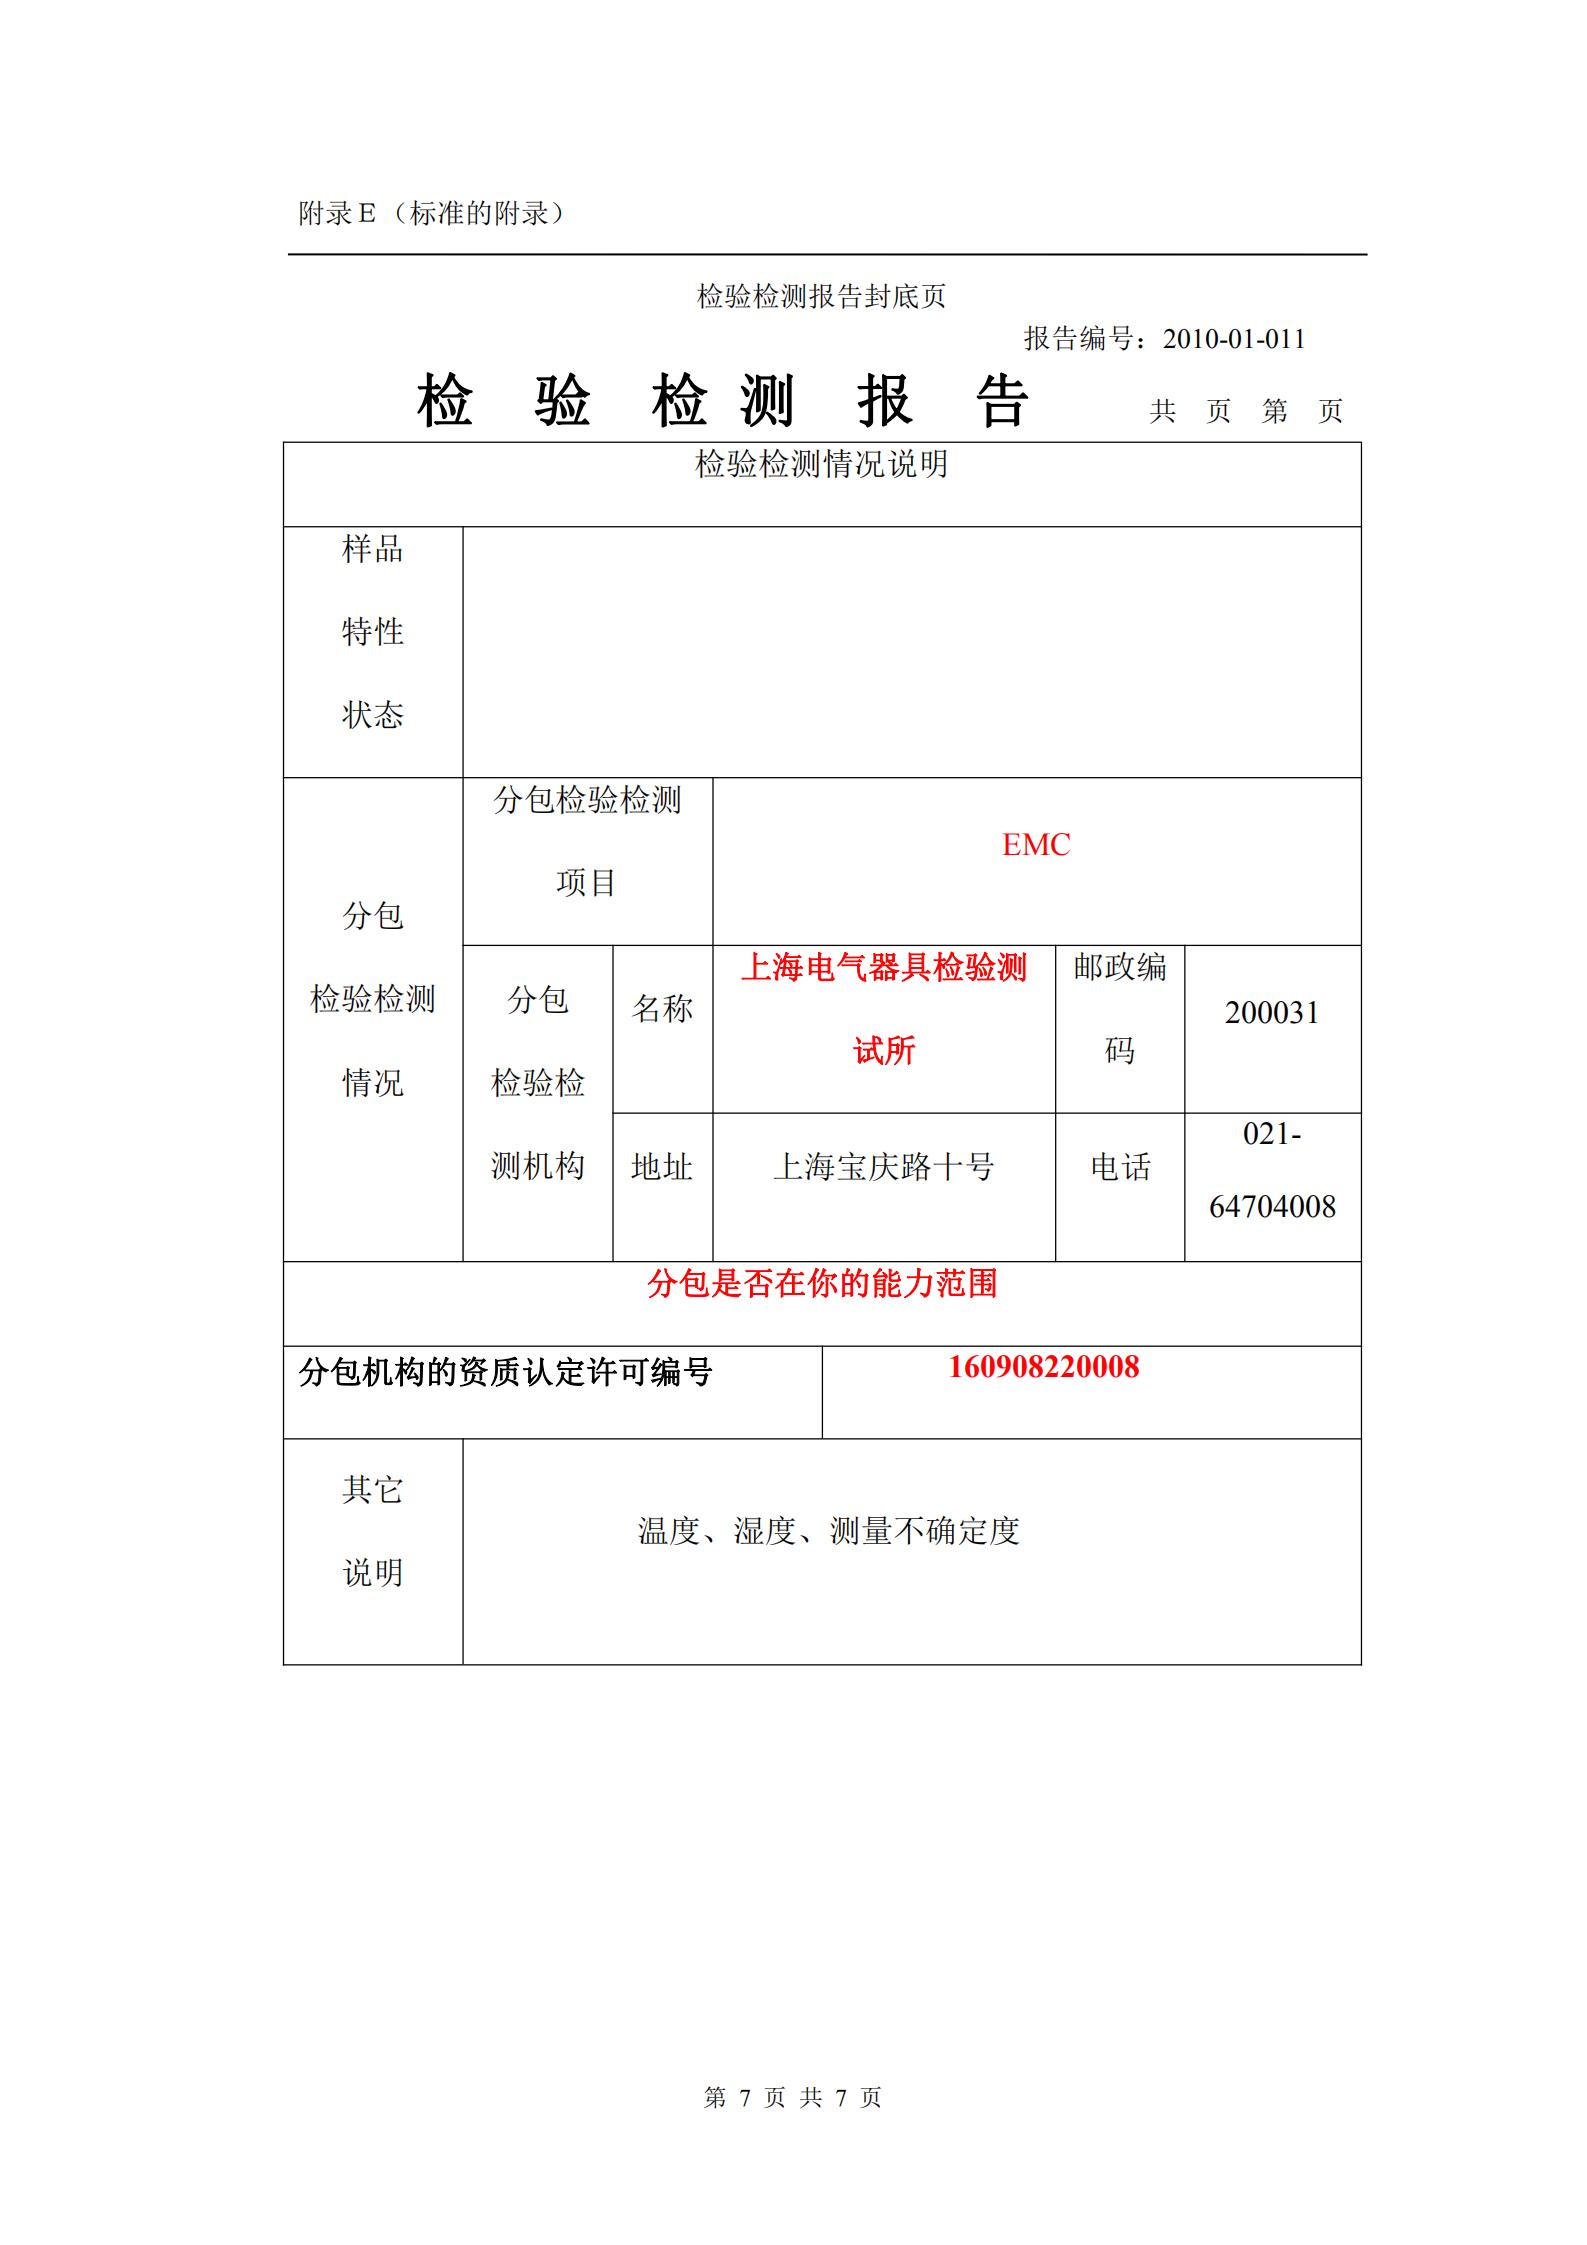 分包报告格式_06.png